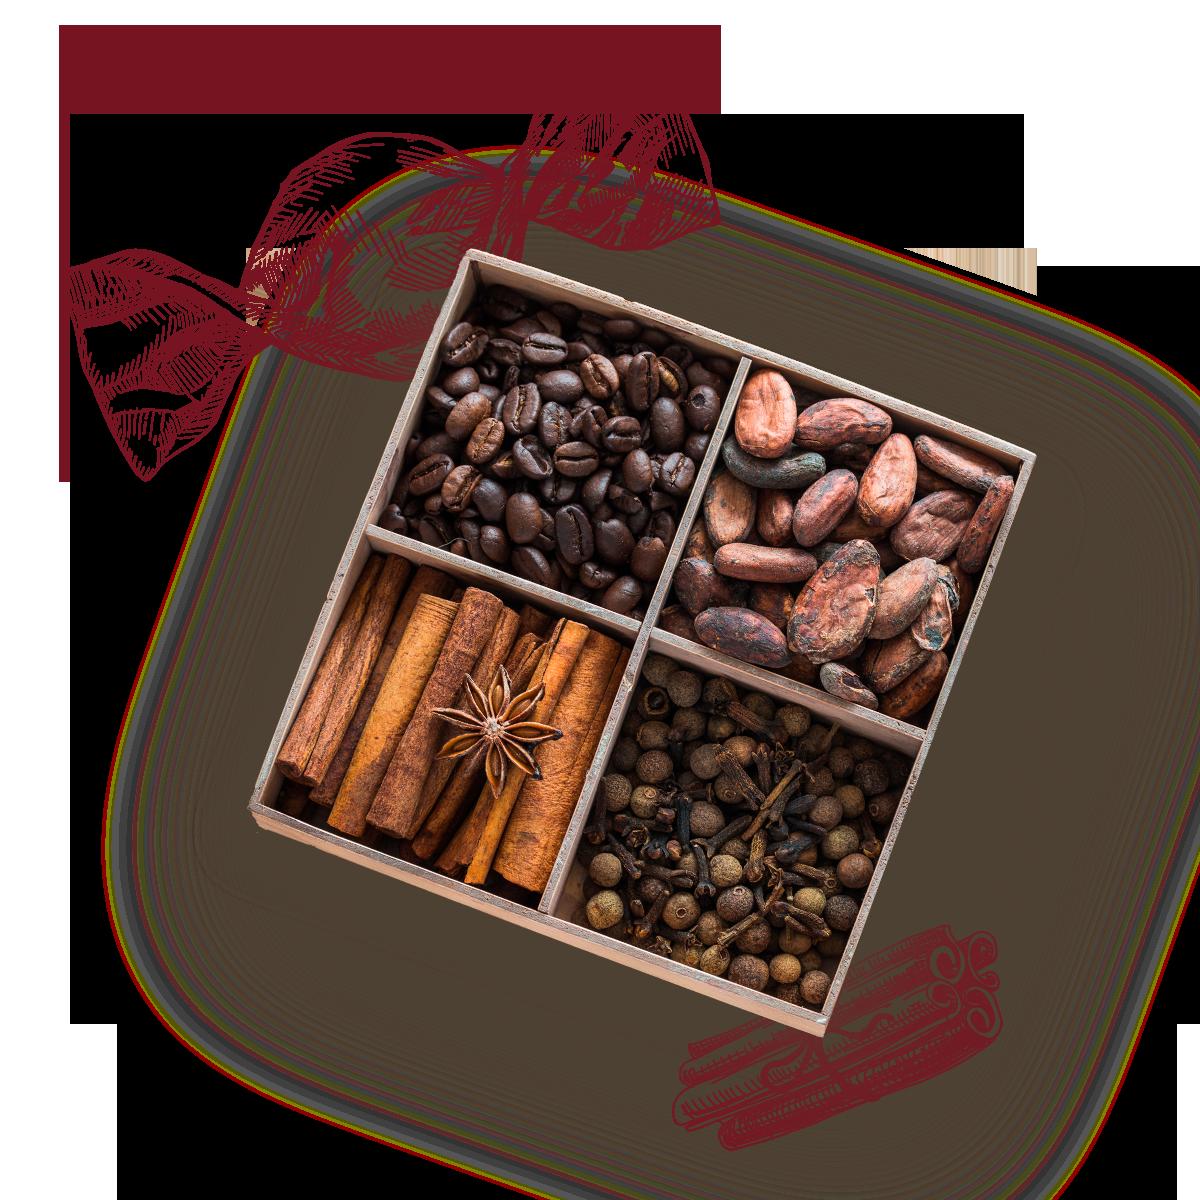 La gourmandise, un élément essentiel chez Poivre & Miel